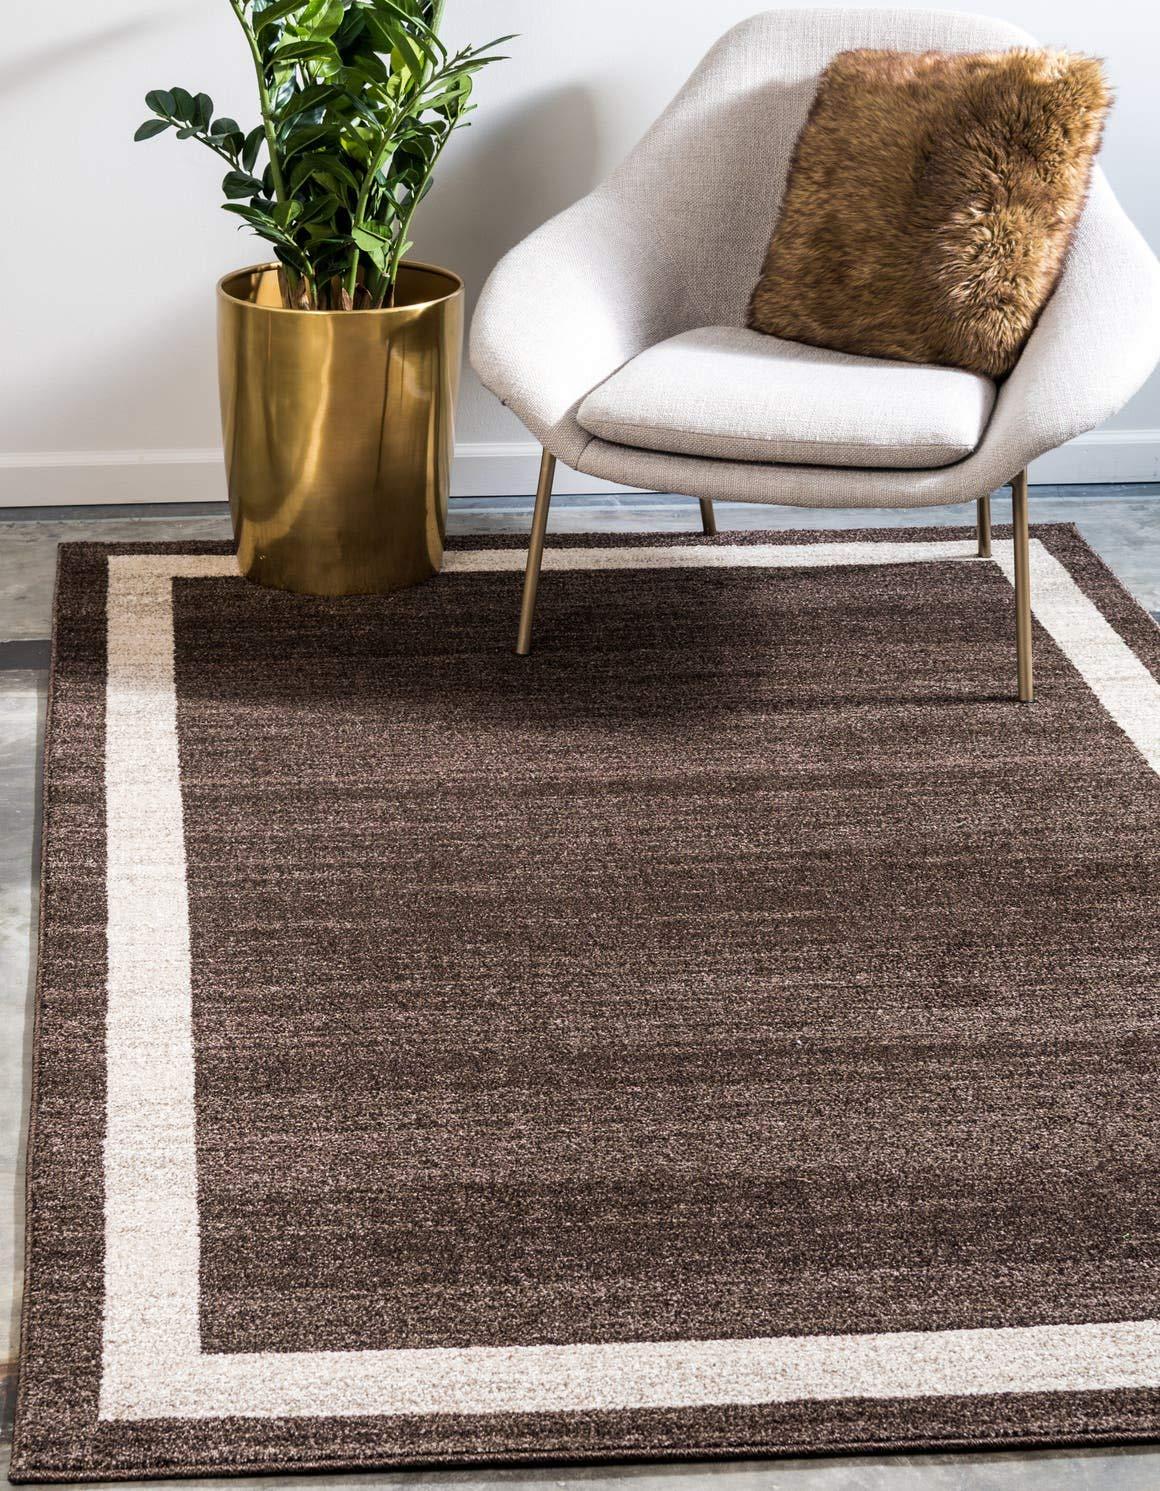 Unique Loom Del Mar Collection Contemporary Transitional Brown Area Rug 6 0 x 9 0